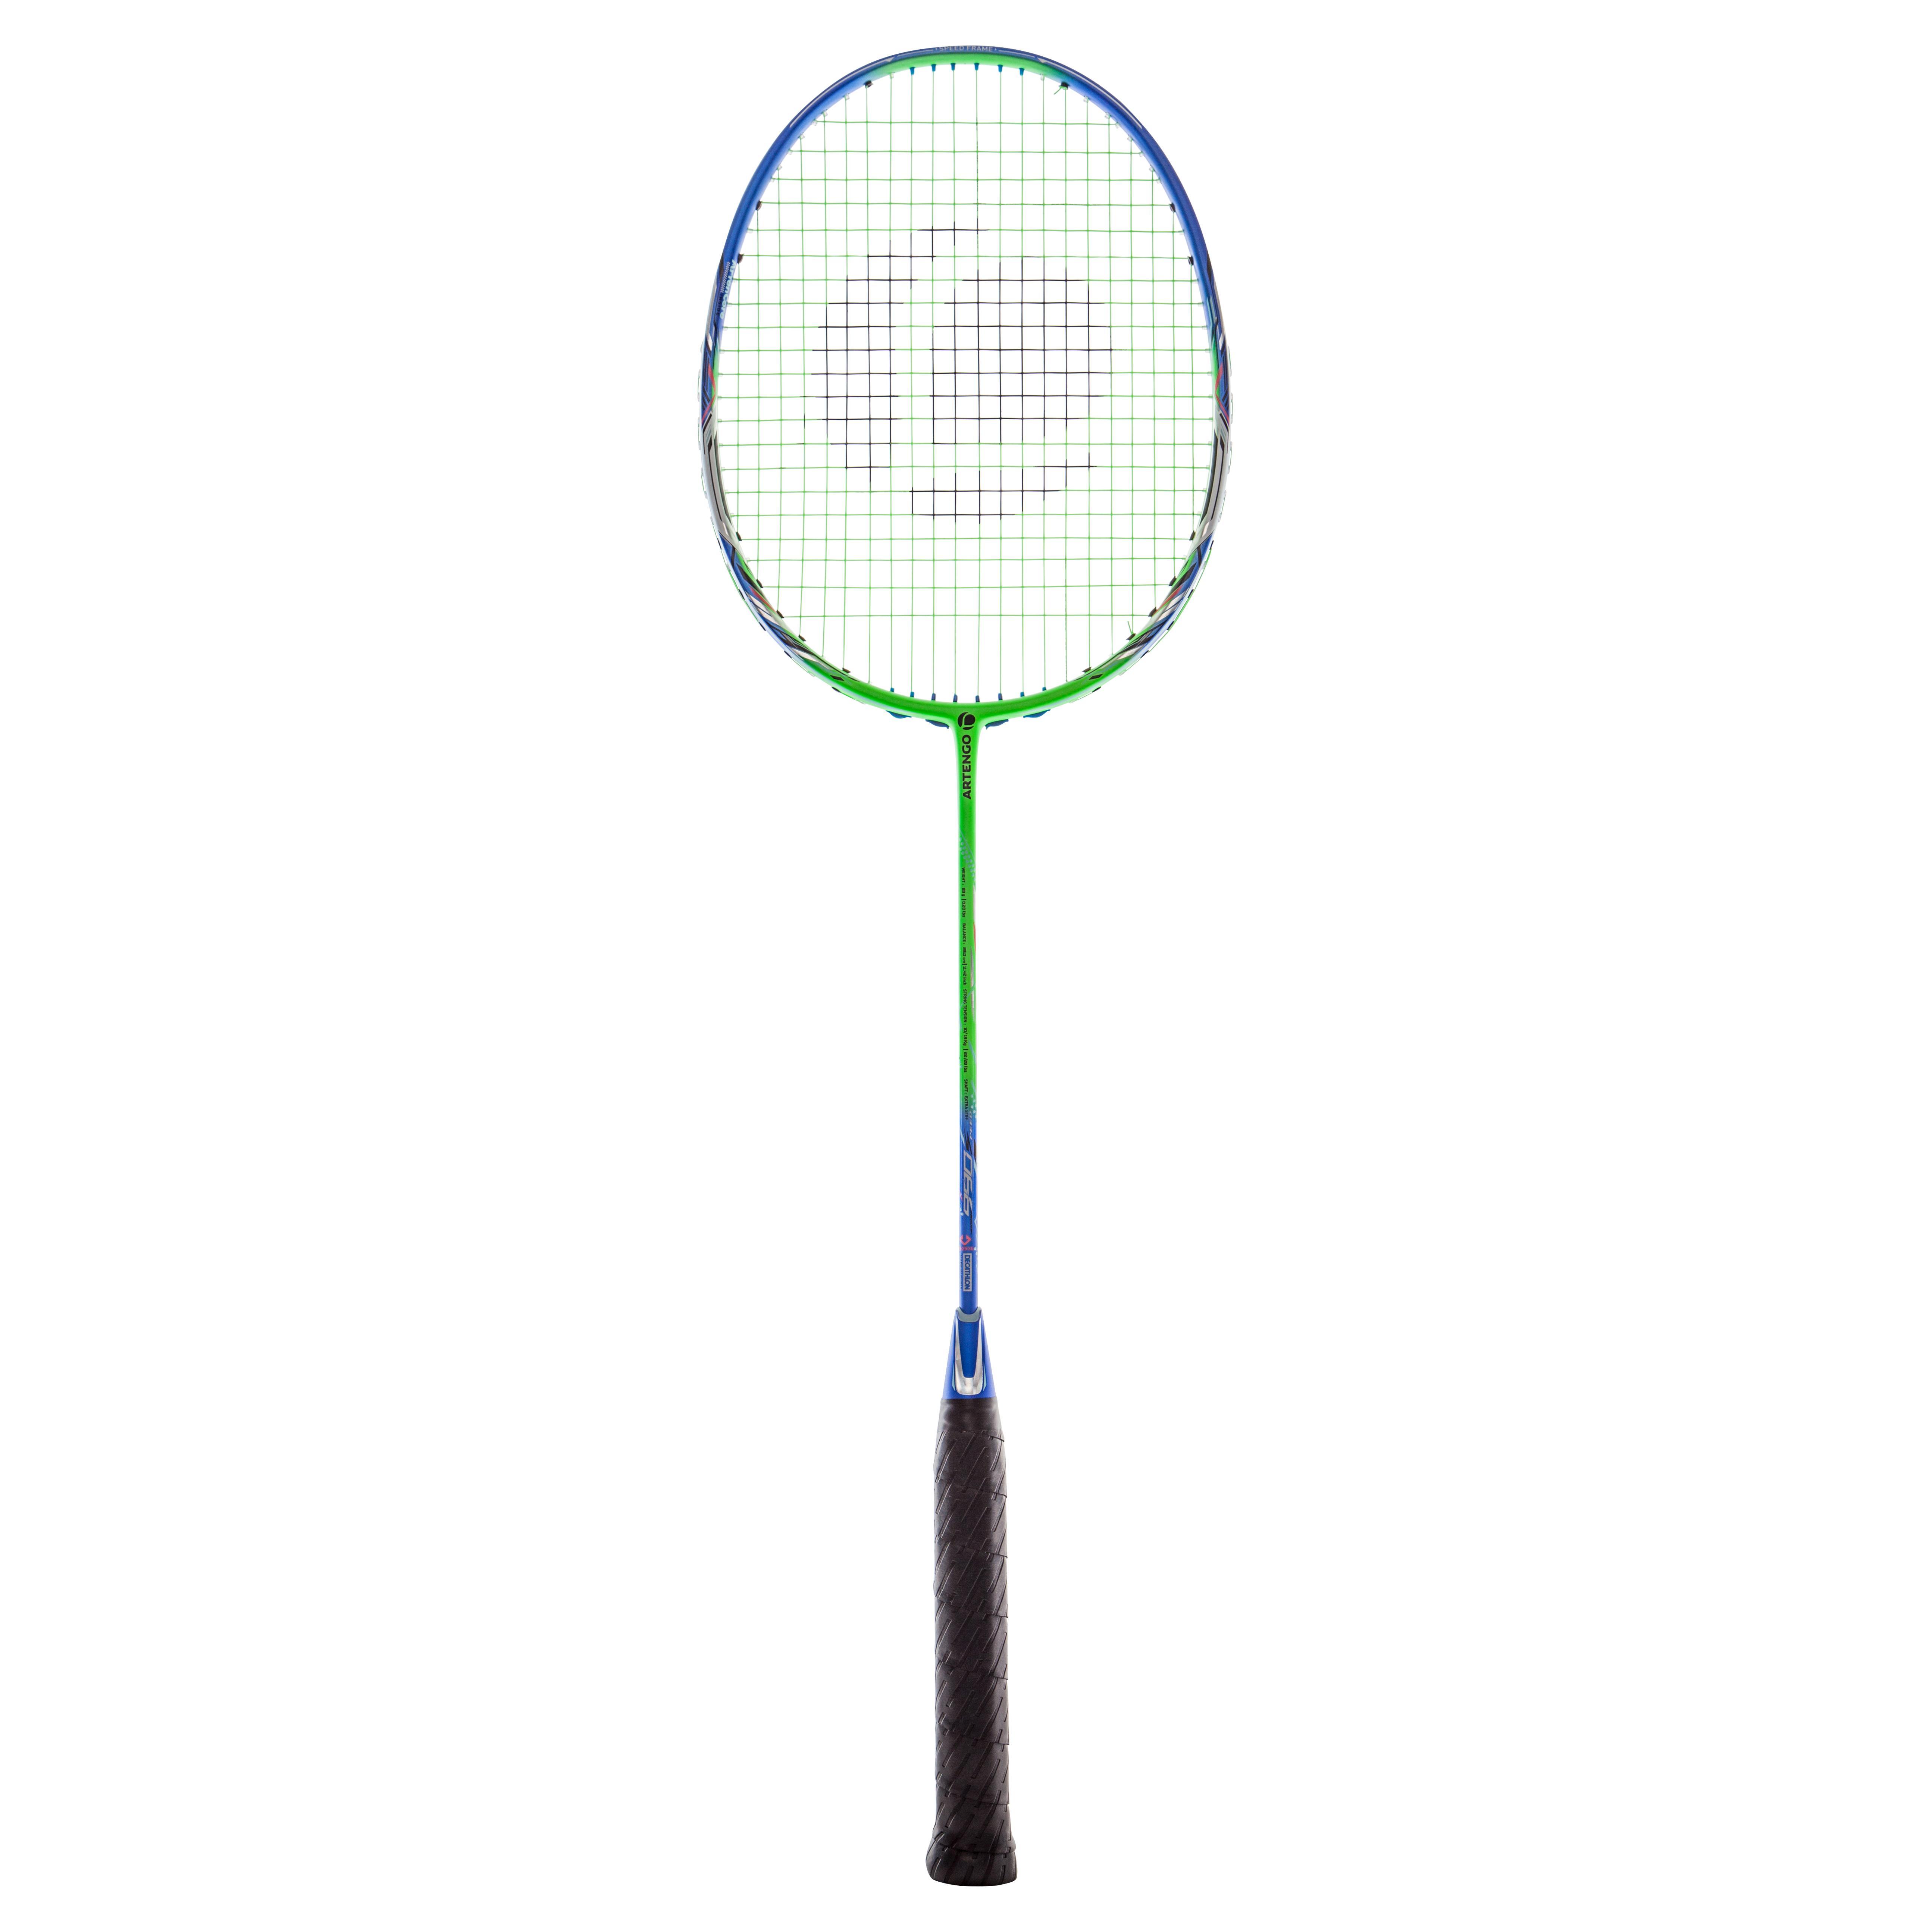 Perfly Badmintonracket volwassenen BR 990 S groen kopen